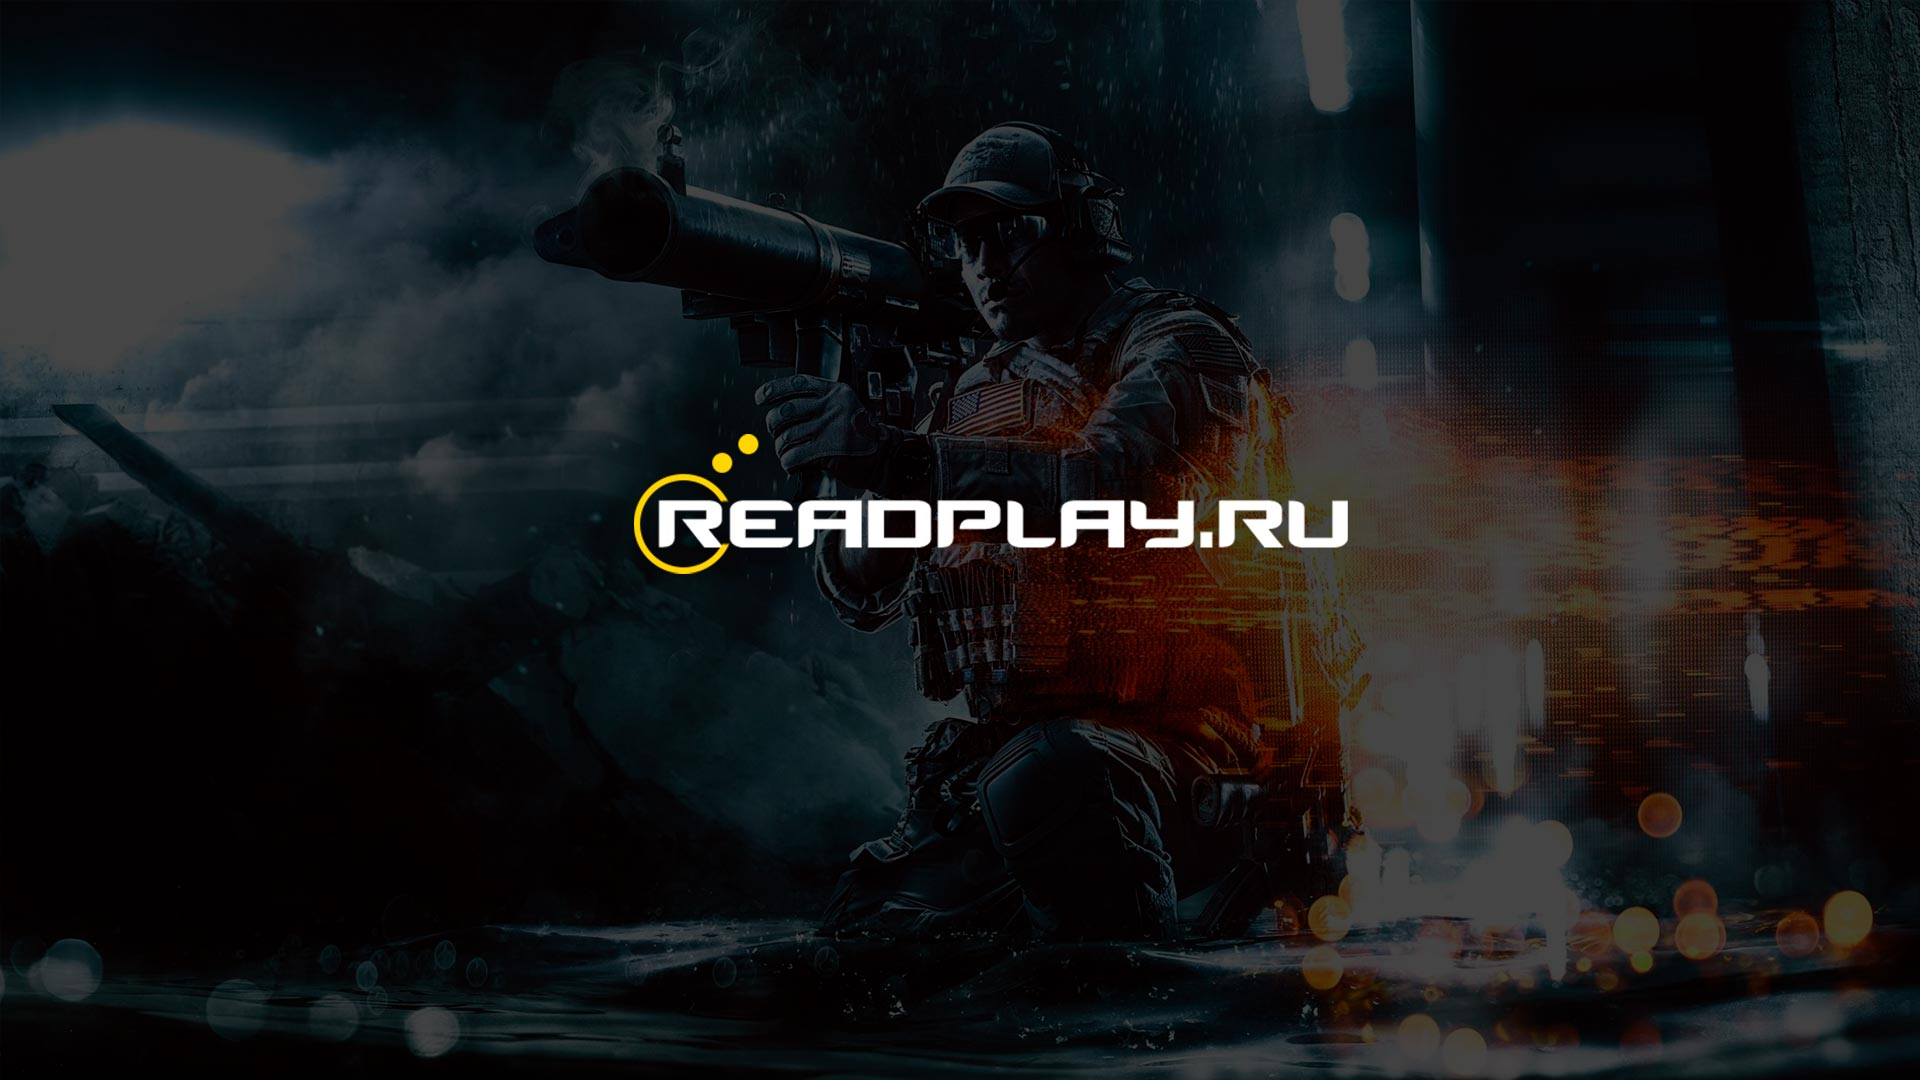 Изображение к статье о сайте readplay